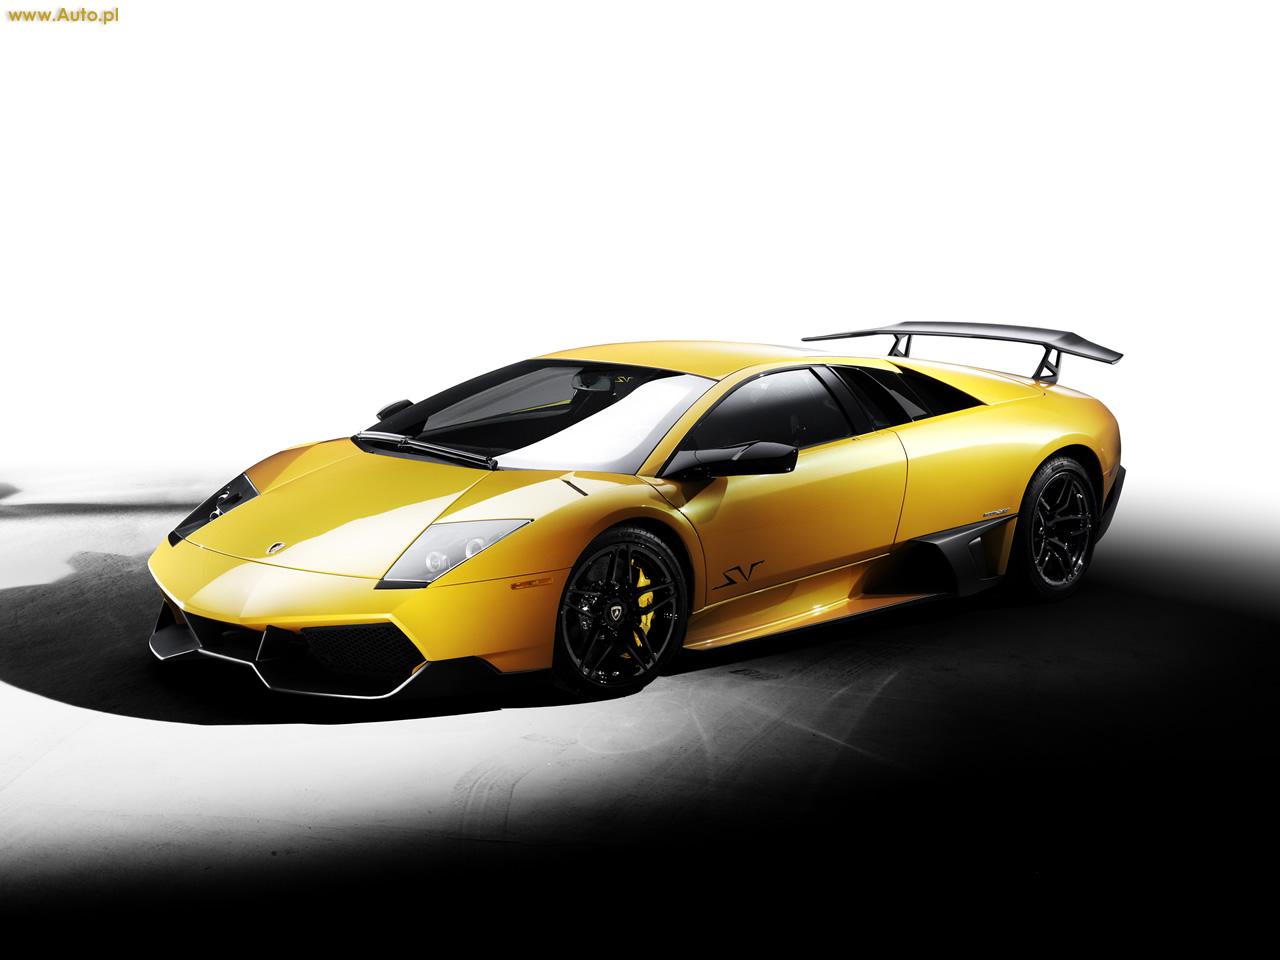 Wyróżnia je elegancja i znakomity komfort jazdy, który sprosta każdym wymaganiom. samochody sportowe - tapety na pulpit - strona 1